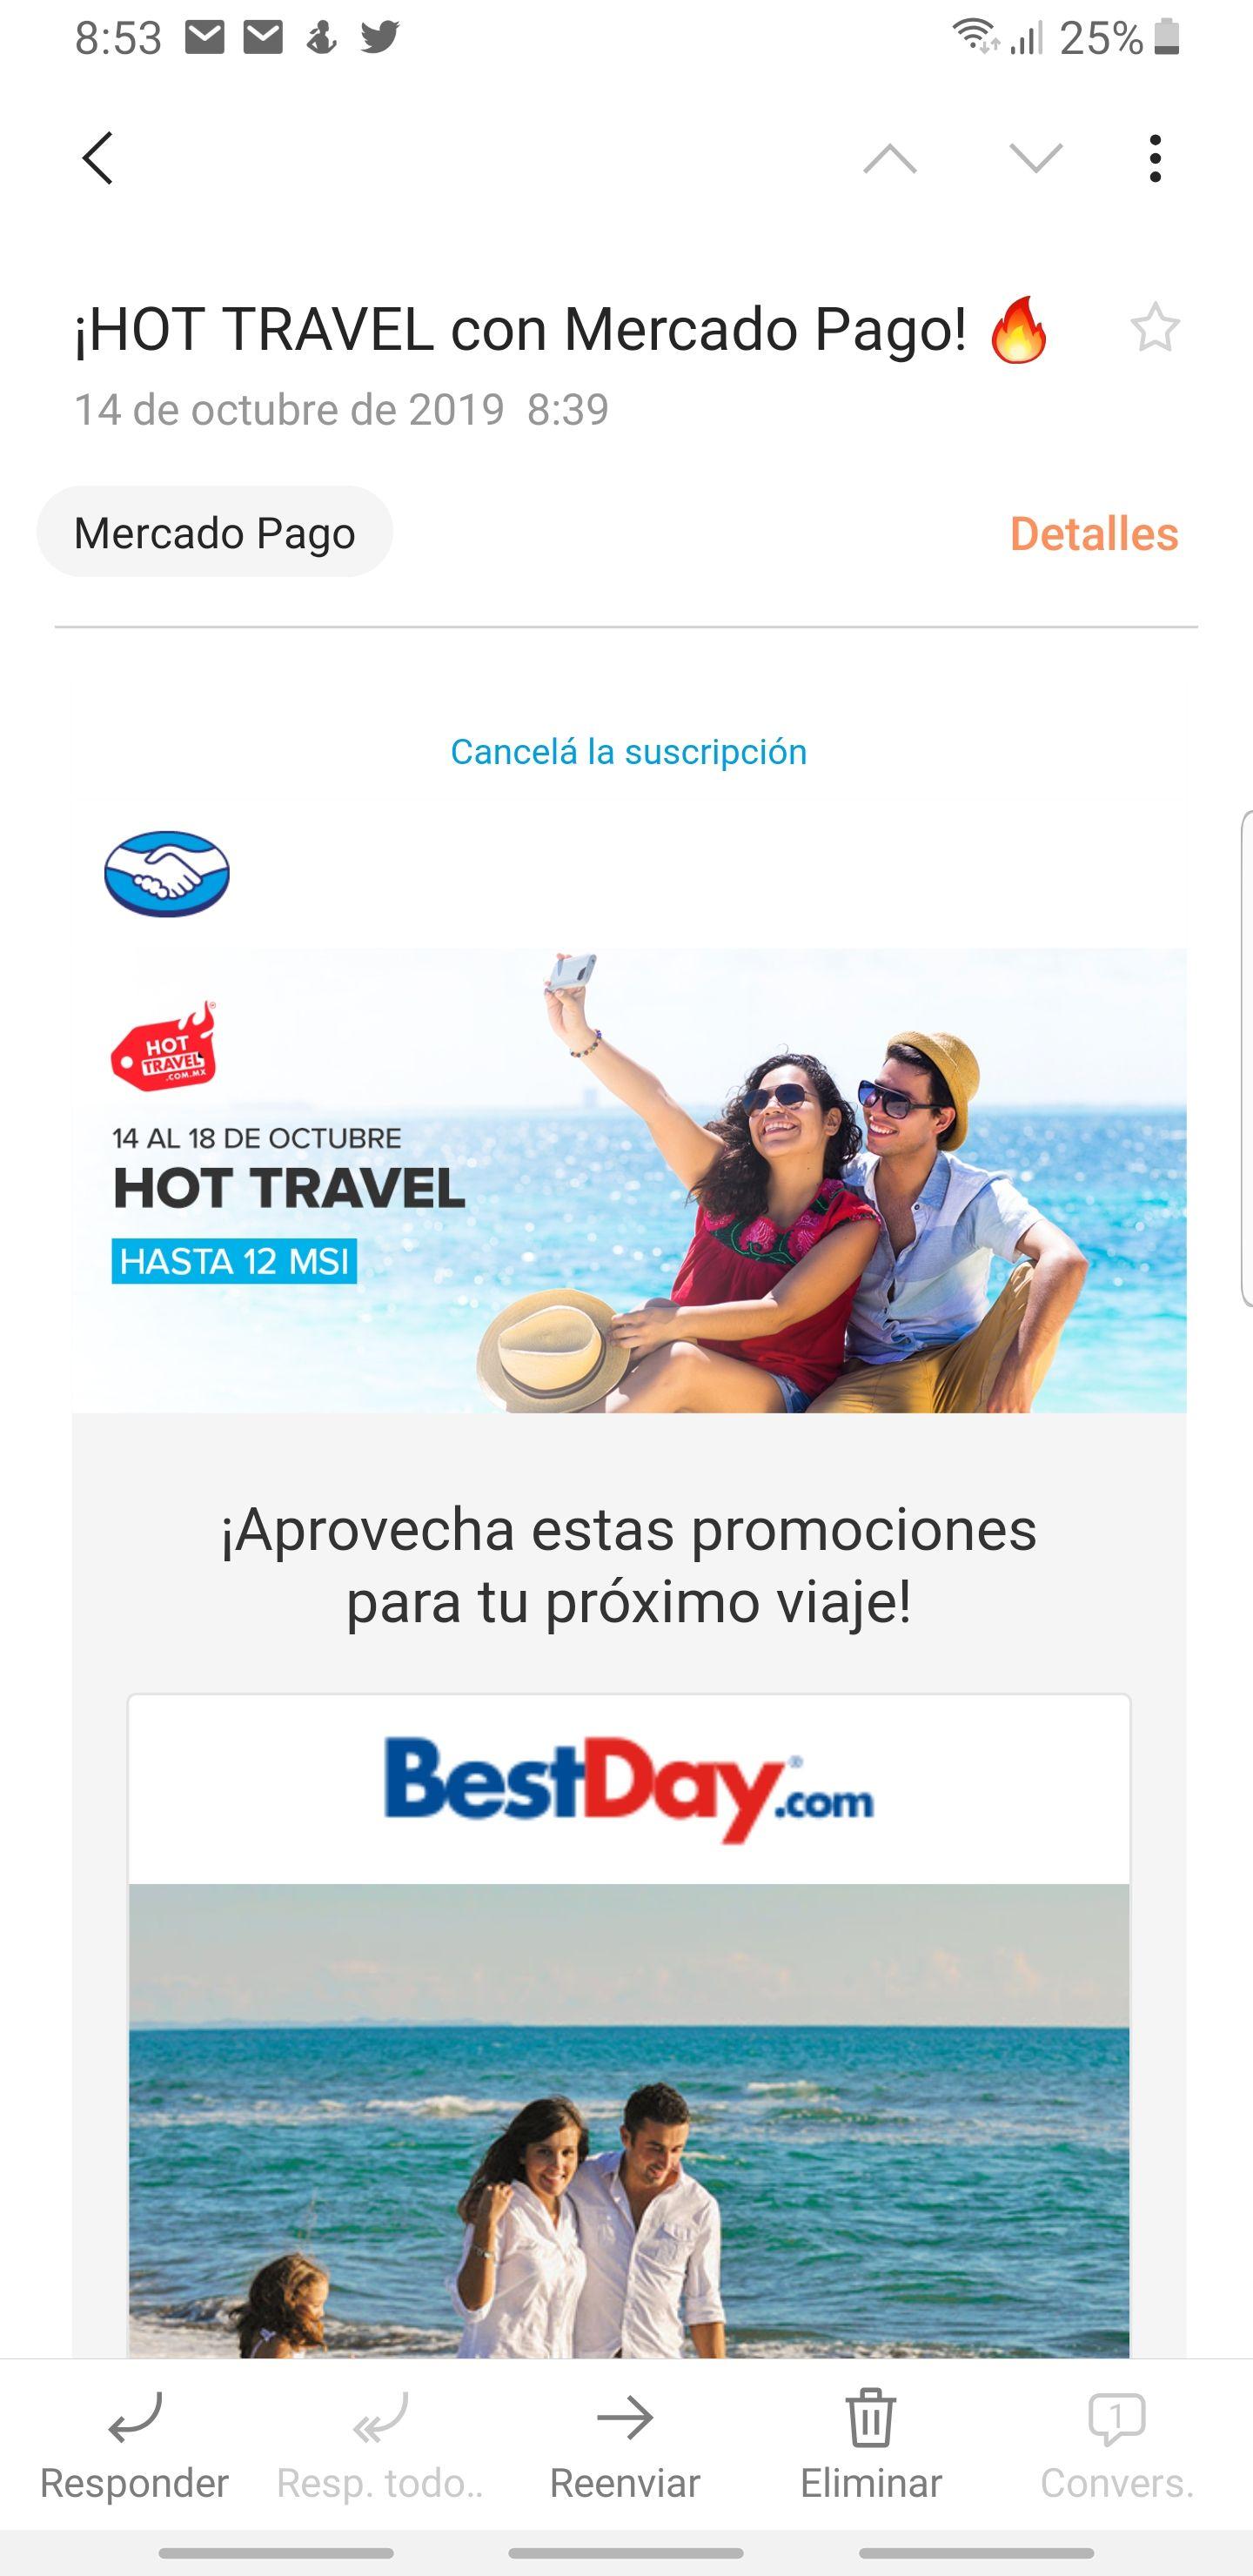 Hot travel con Mercado Pago